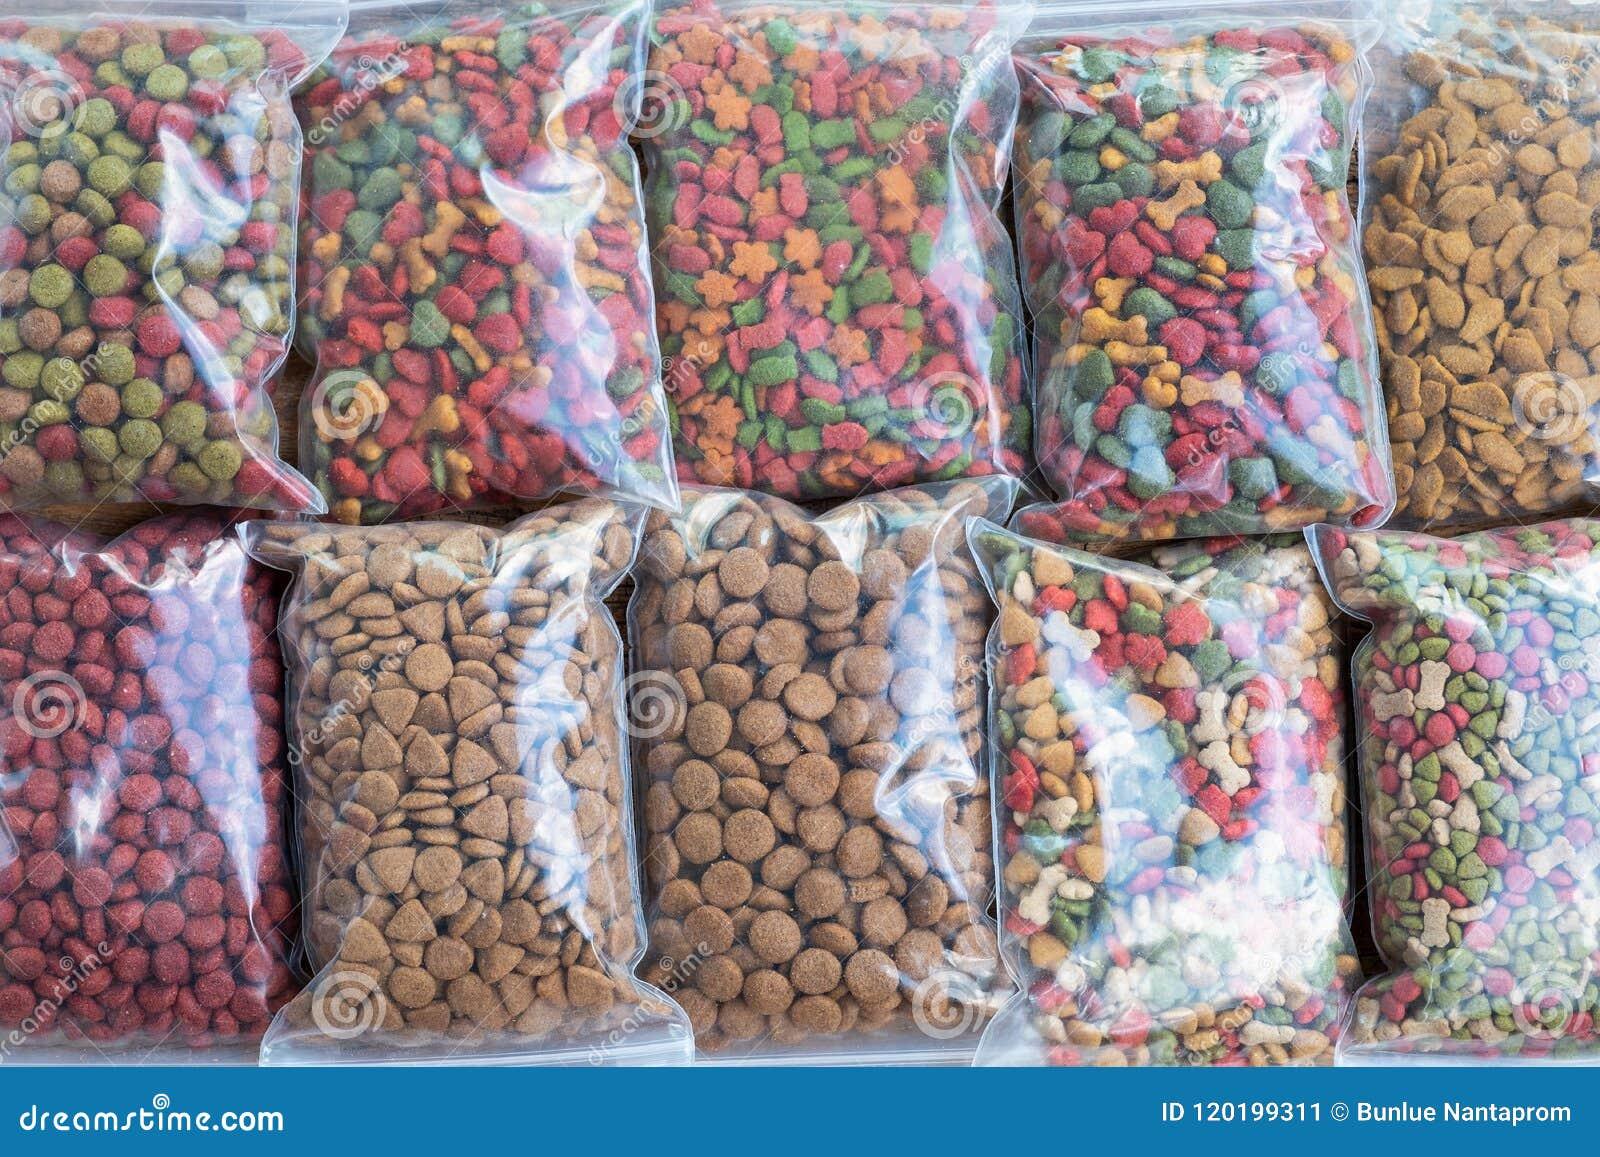 Embalagem do alimento para cães no saco de plástico para a venda, comida de gato para a venda em s